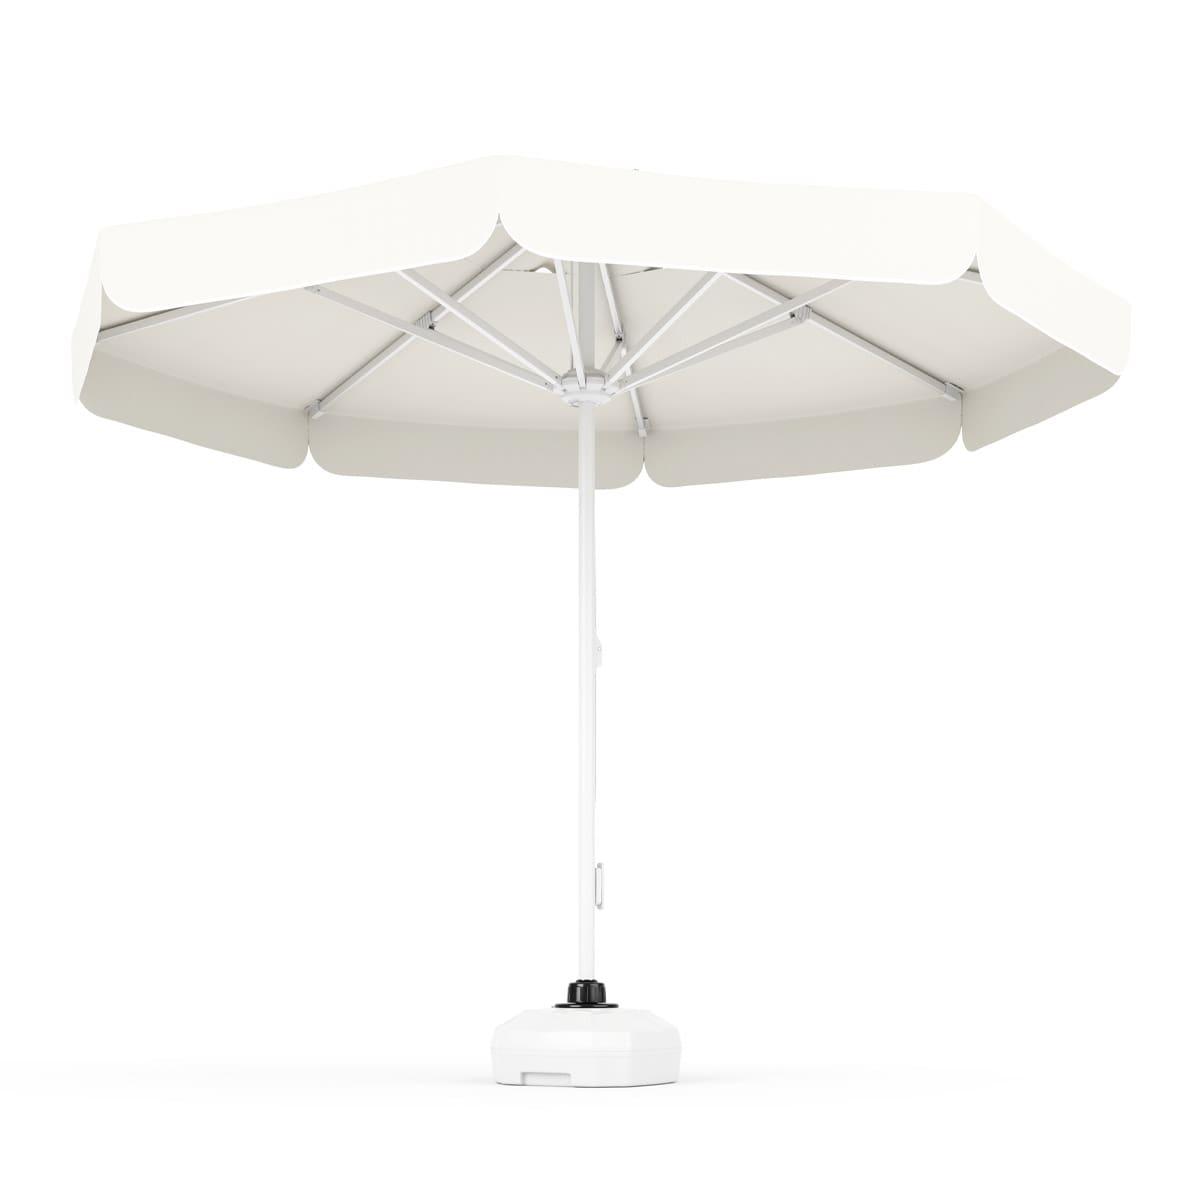 Bahex Parasol Mega İpli Sistem Şemsiye 300/8 + 70 Lt. Bidon